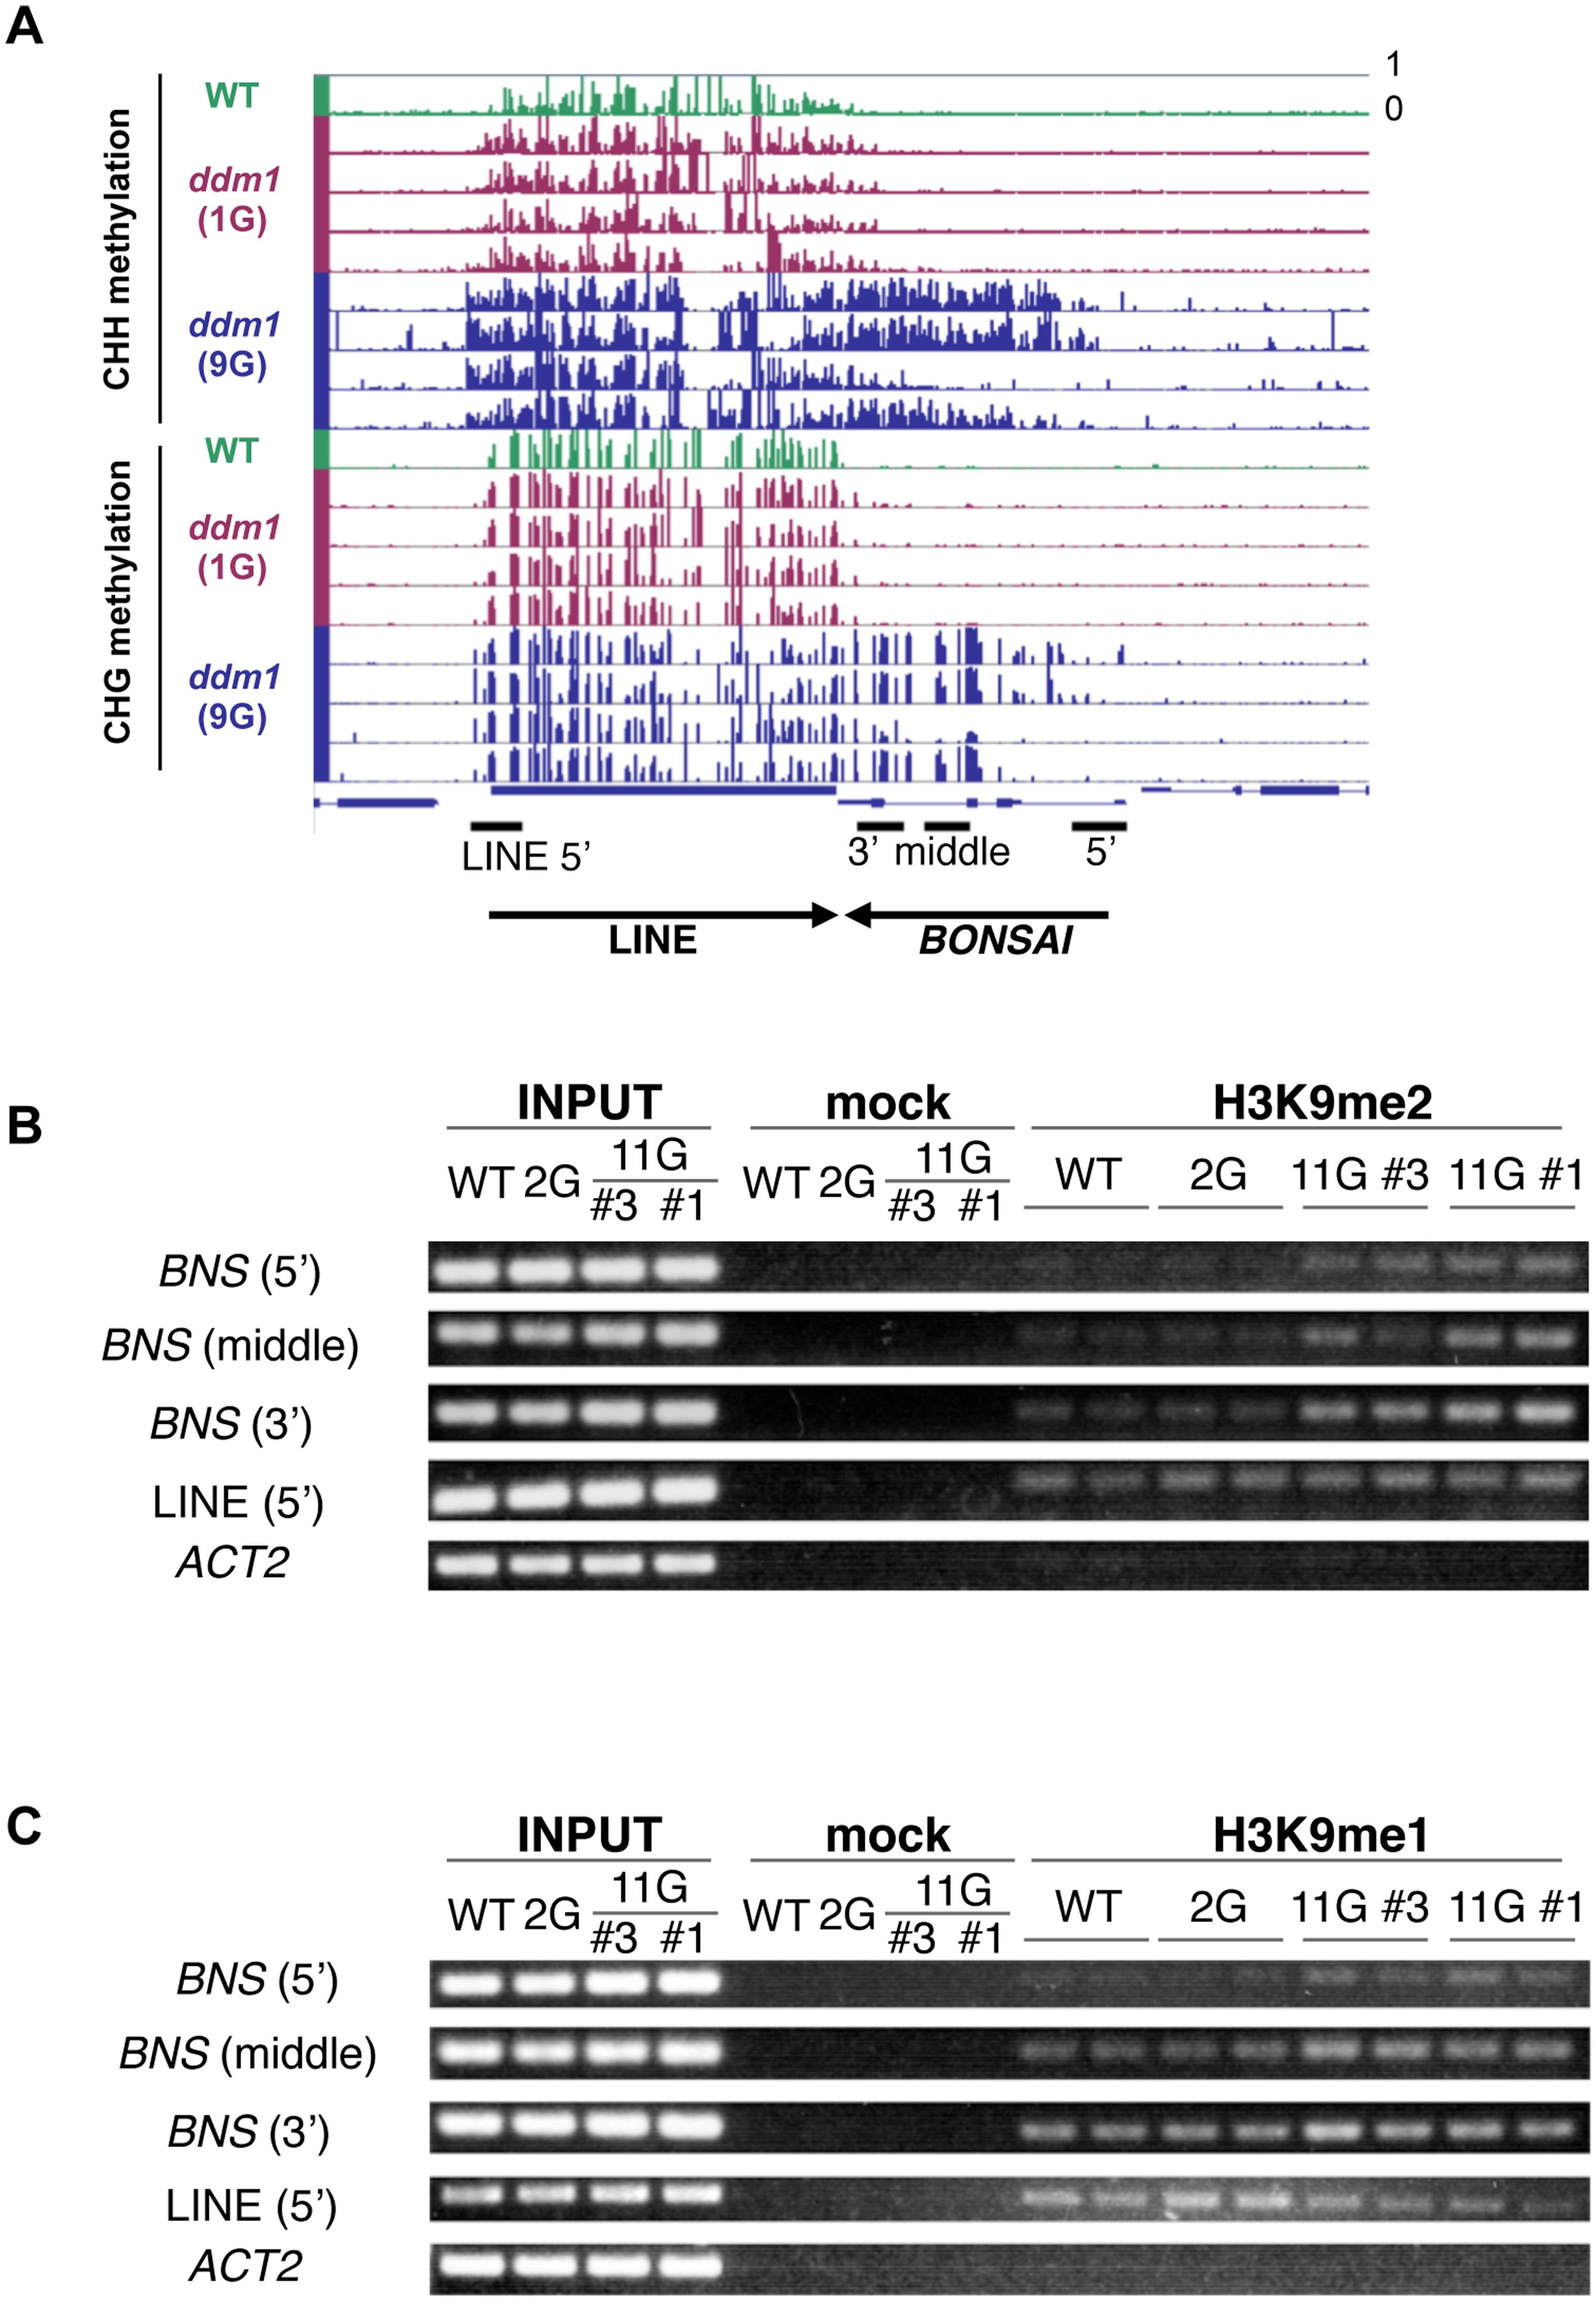 <i>BONSAI</i> hypermethylation in self-pollinated <i>ddm1</i> mutants is associated with H3K9 methylation.